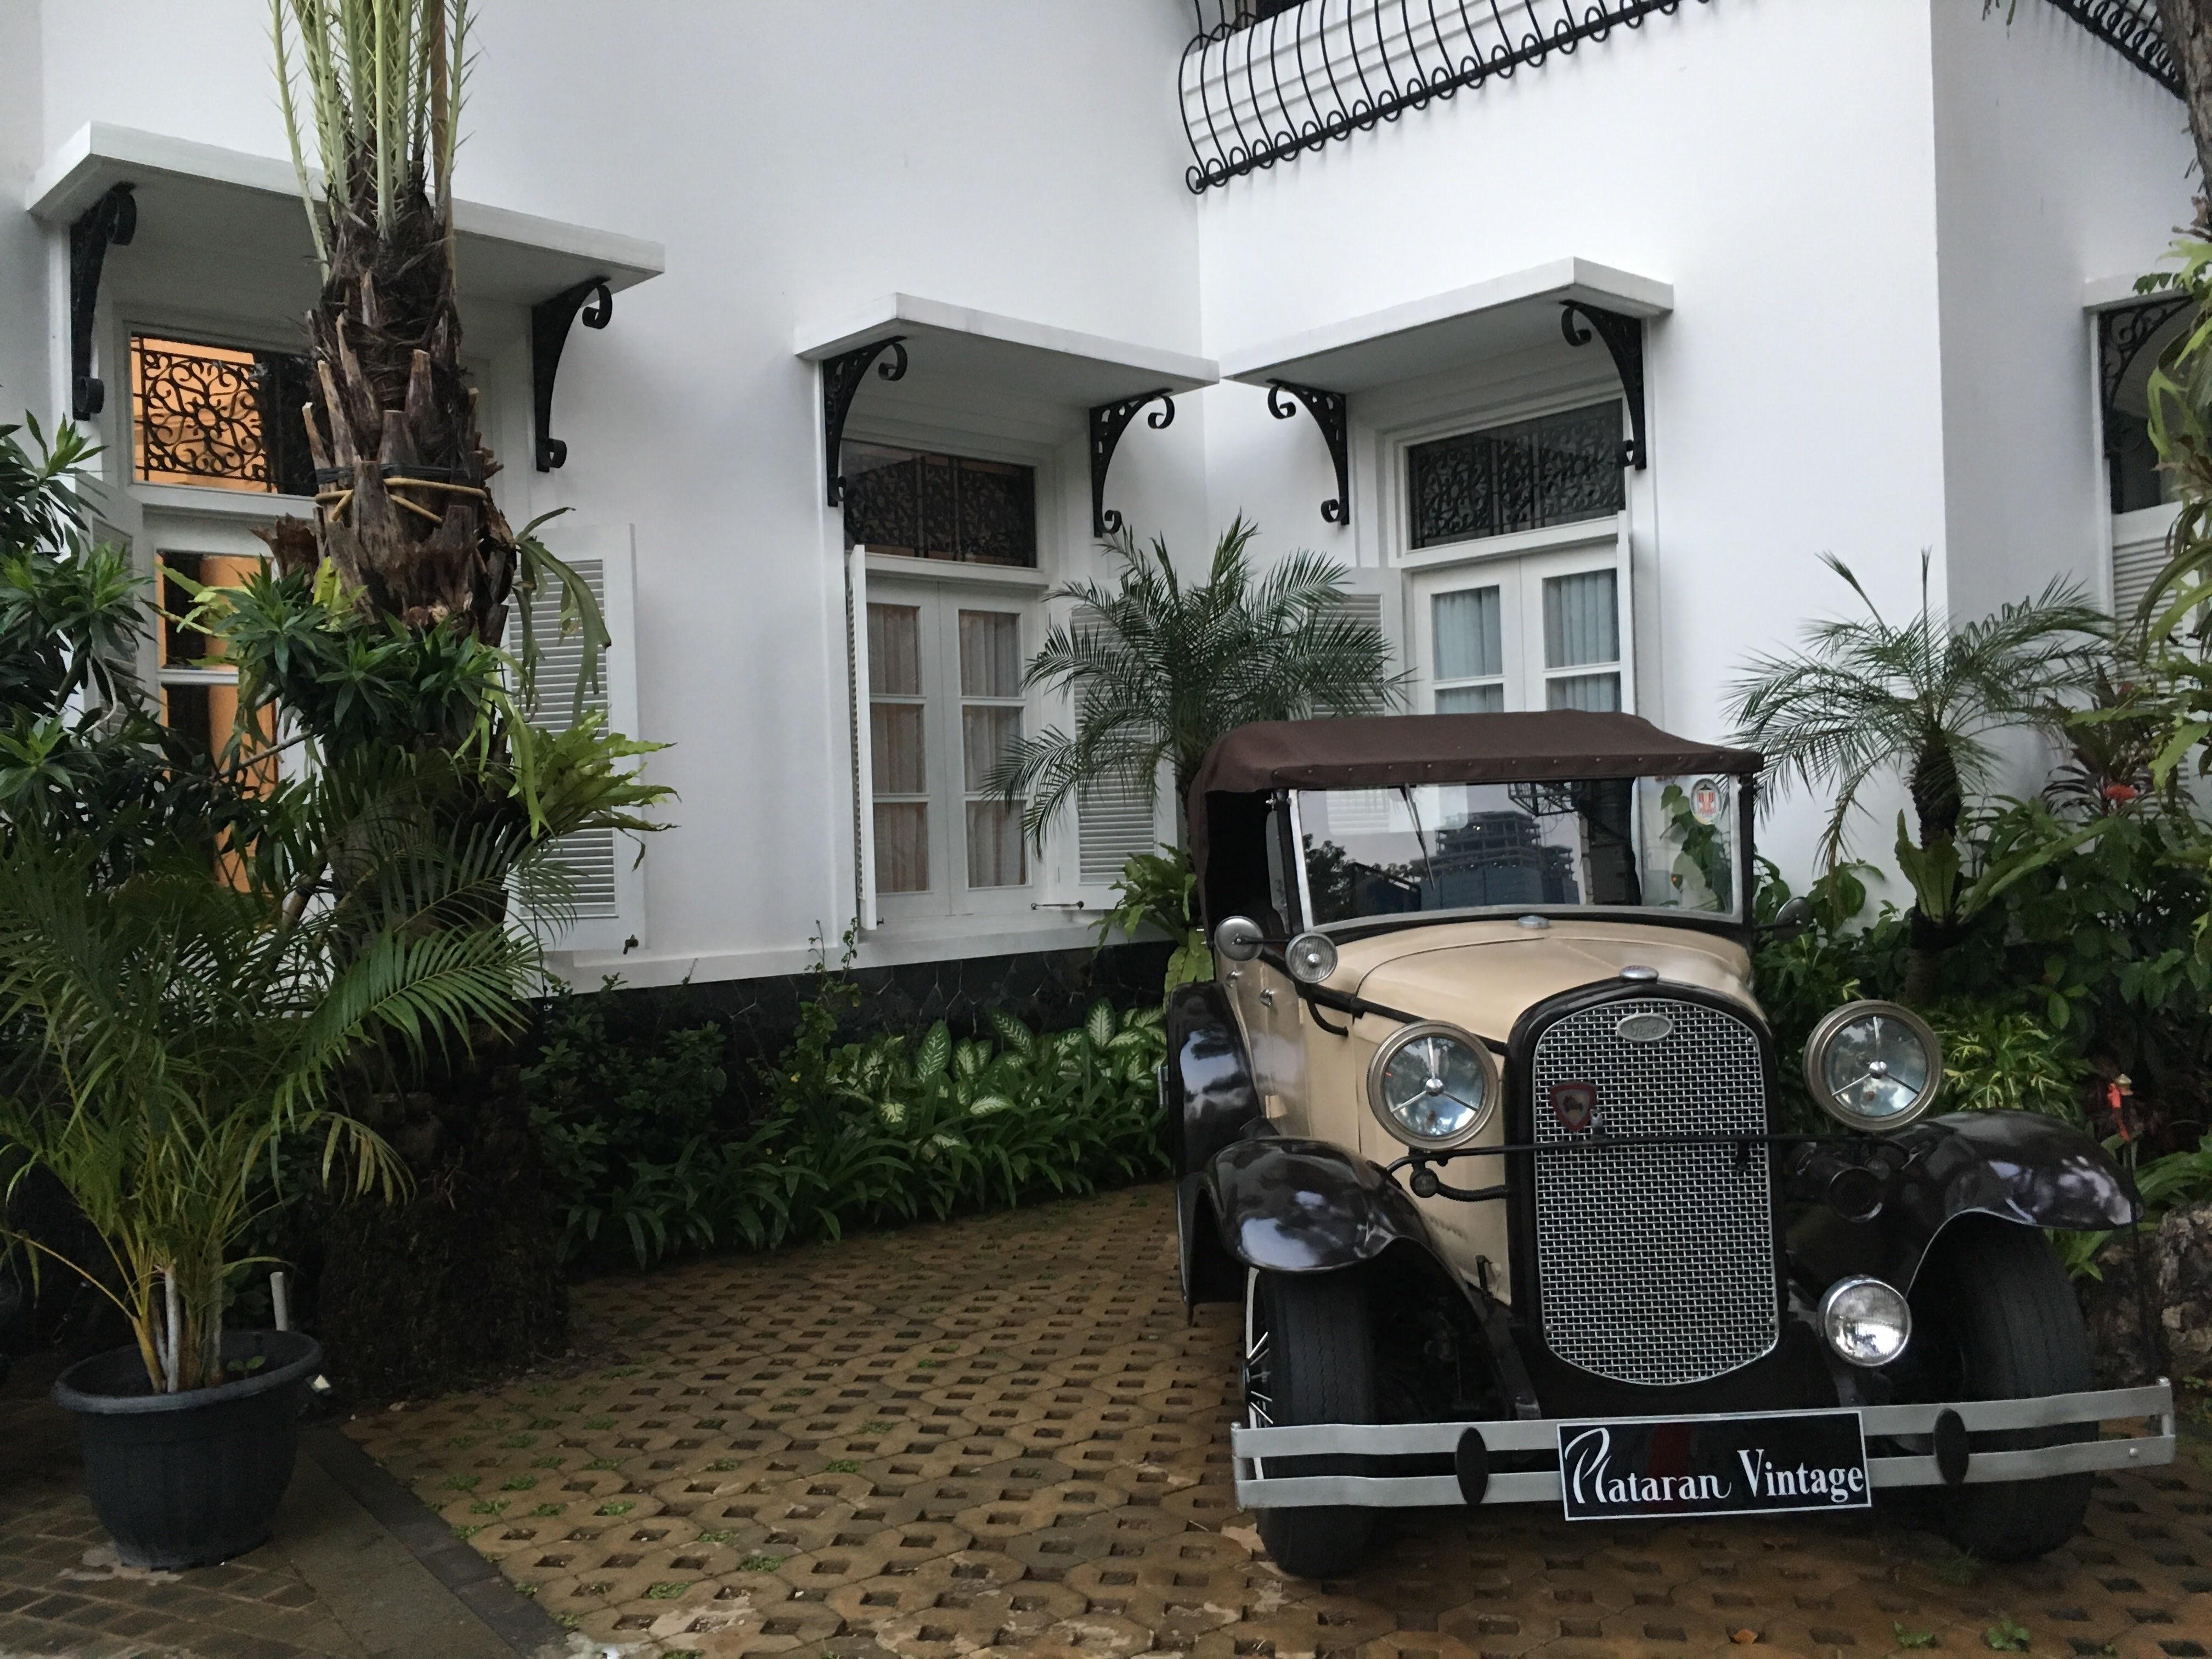 ジャカルタ インドネシア料理レストラン プラタラン(Plataran)